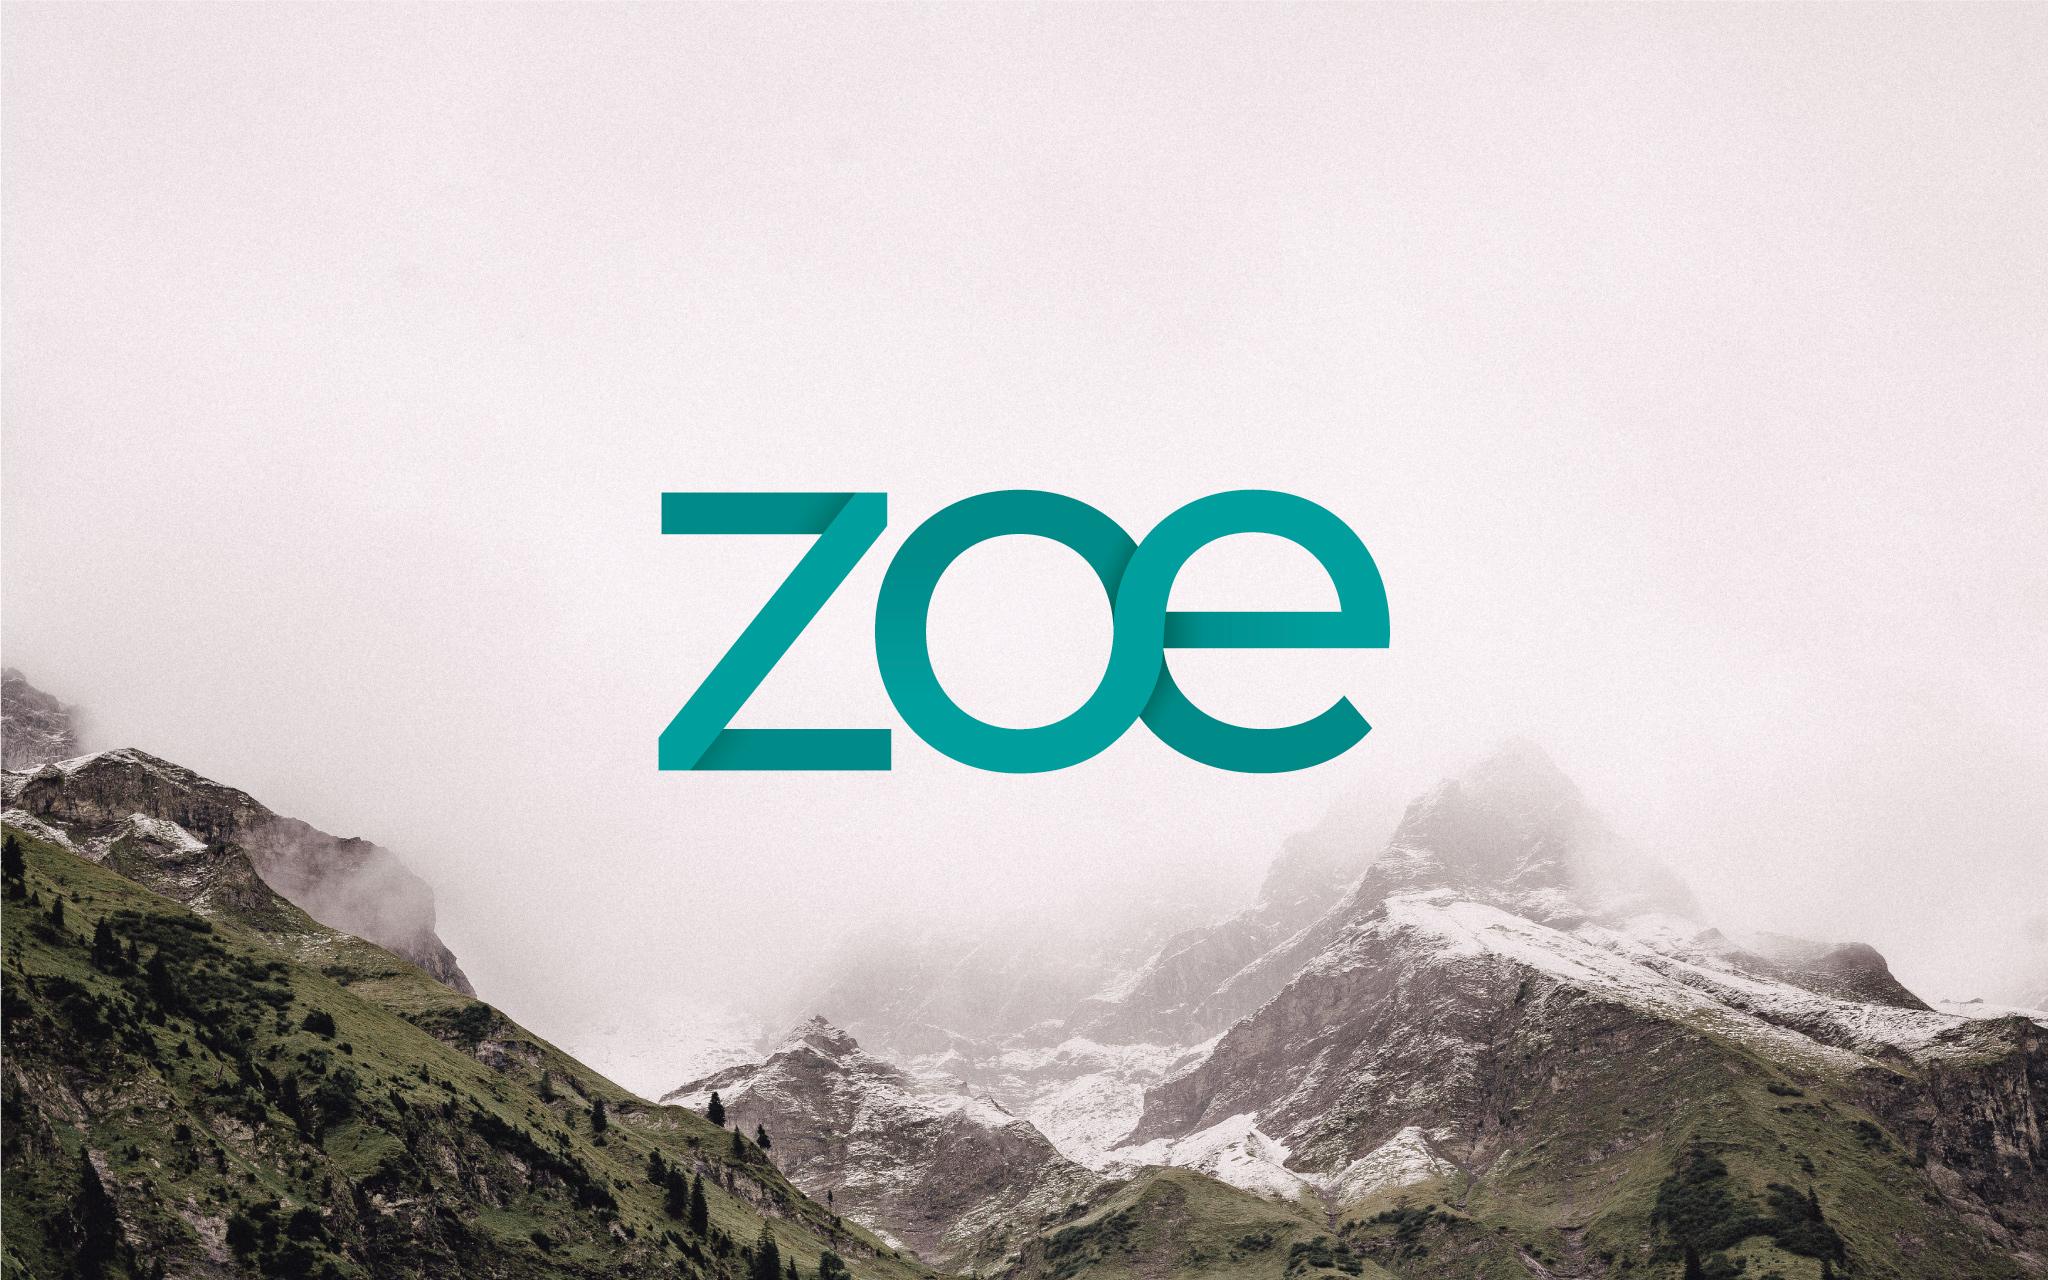 ZOE. Institut für zukunftsfähige Ökonomien – Corporate Design